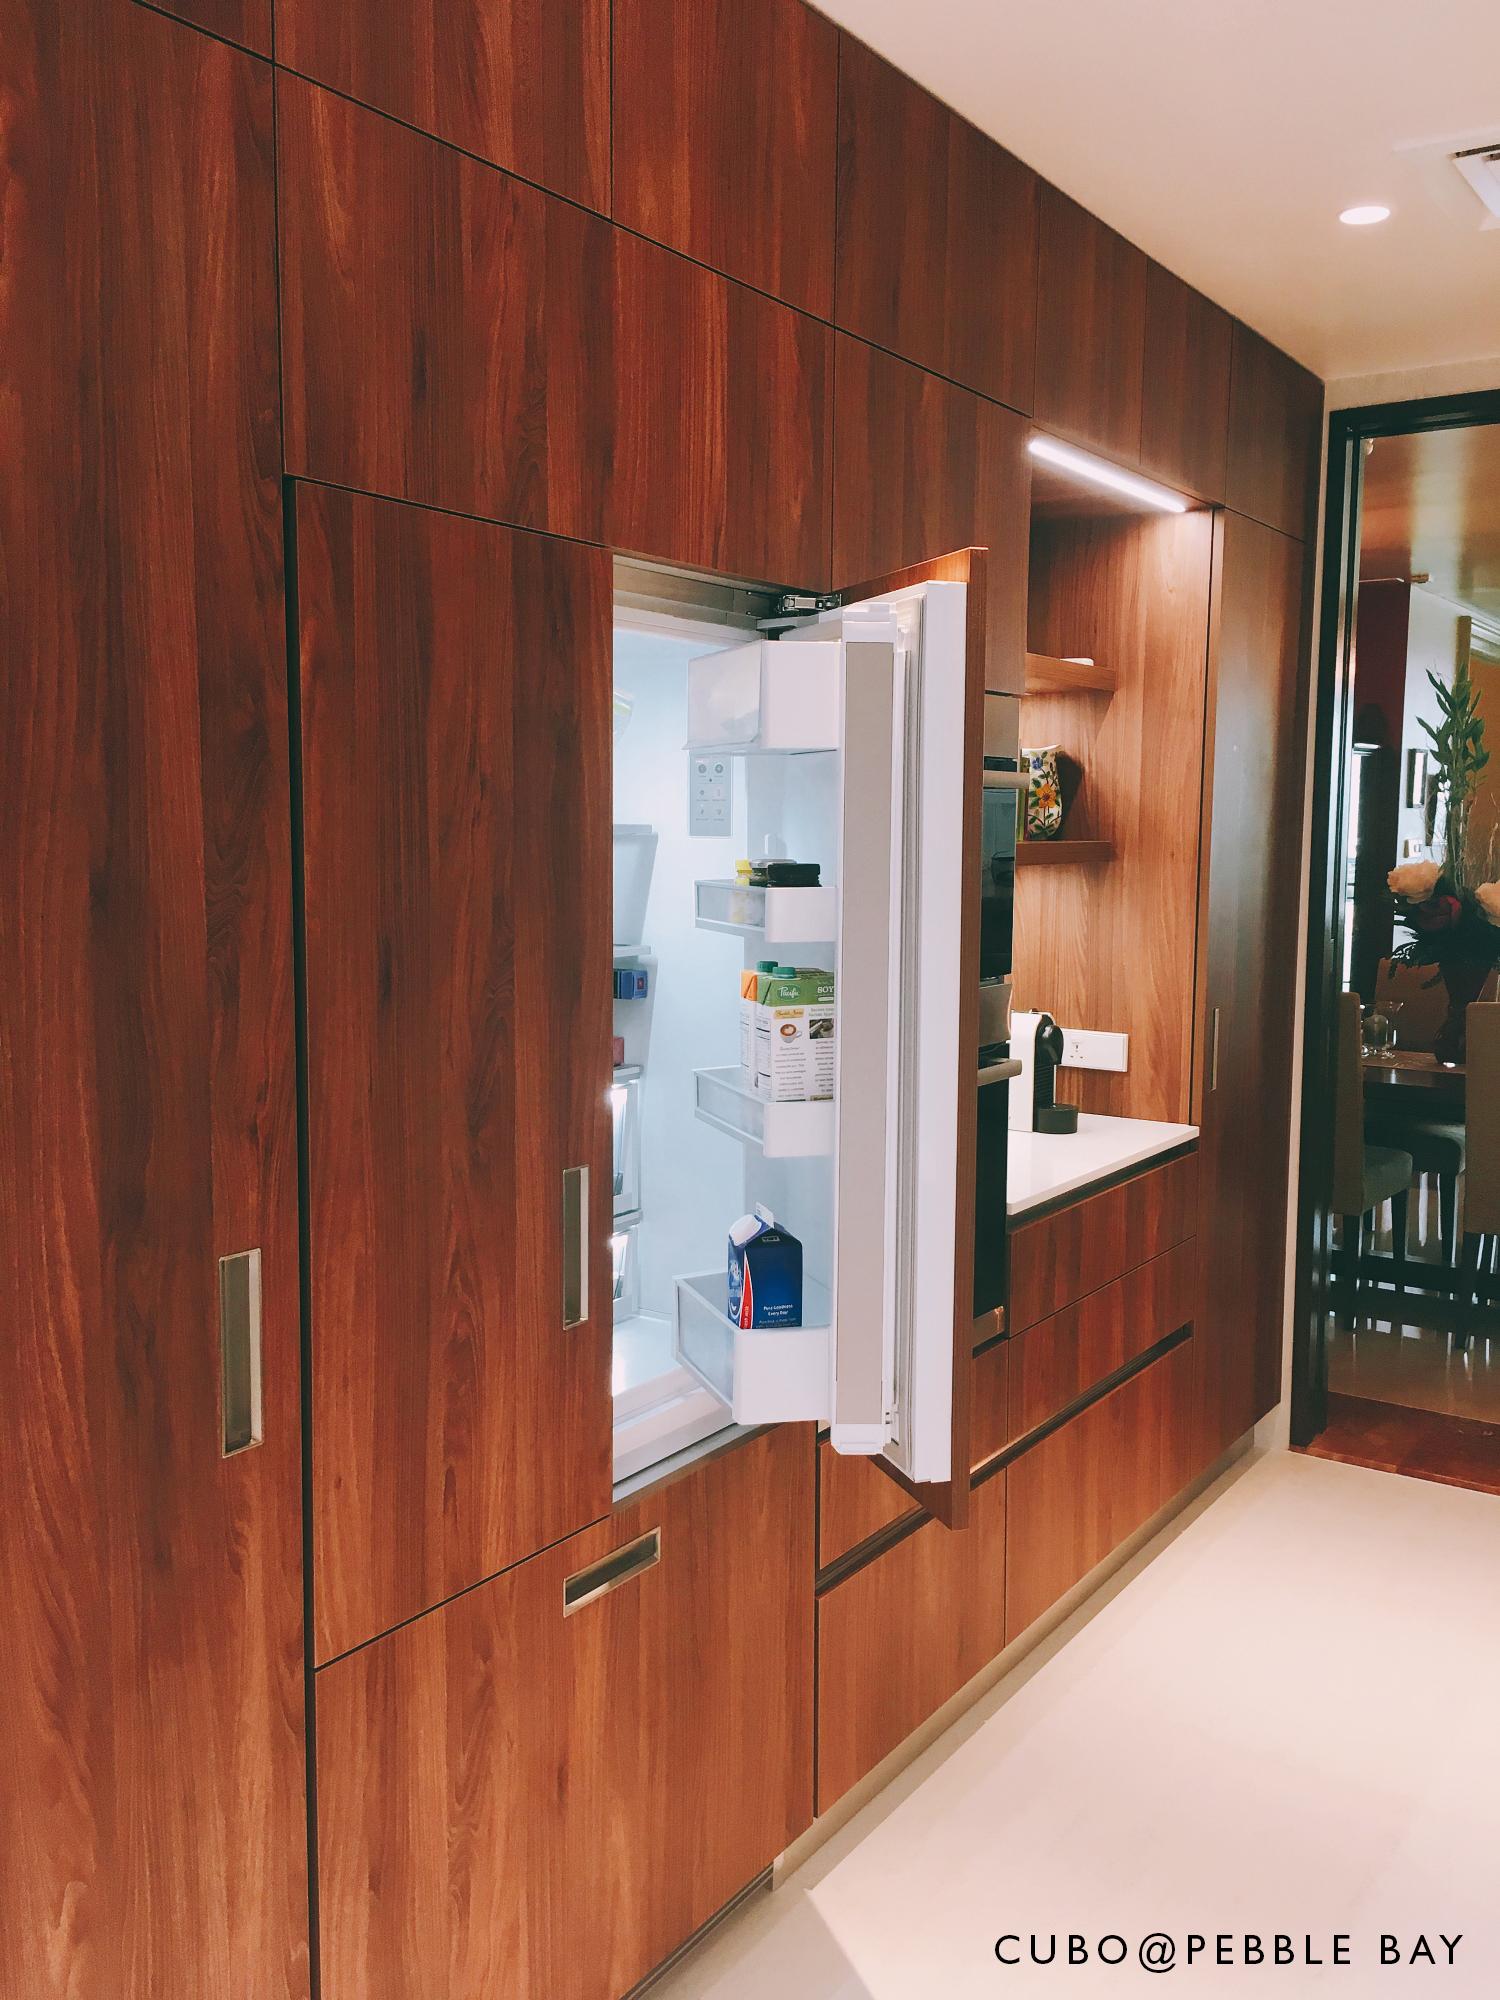 Pebblebay Dry Kitchen IMG_3521.jpg